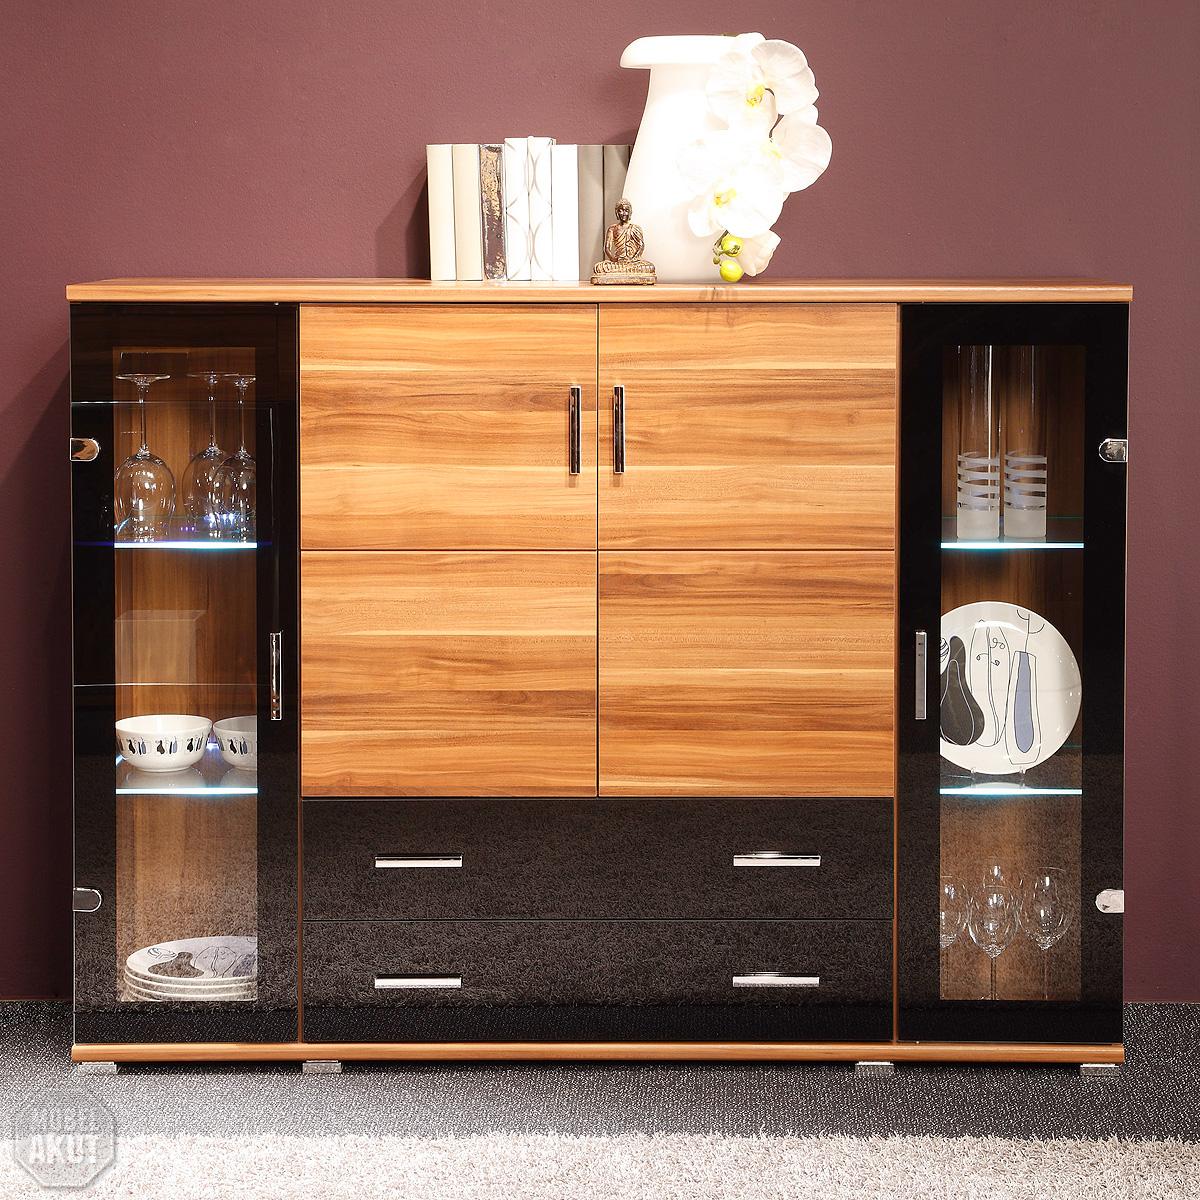 highboard free in nussbaum und schwarz inkl led neu ebay. Black Bedroom Furniture Sets. Home Design Ideas